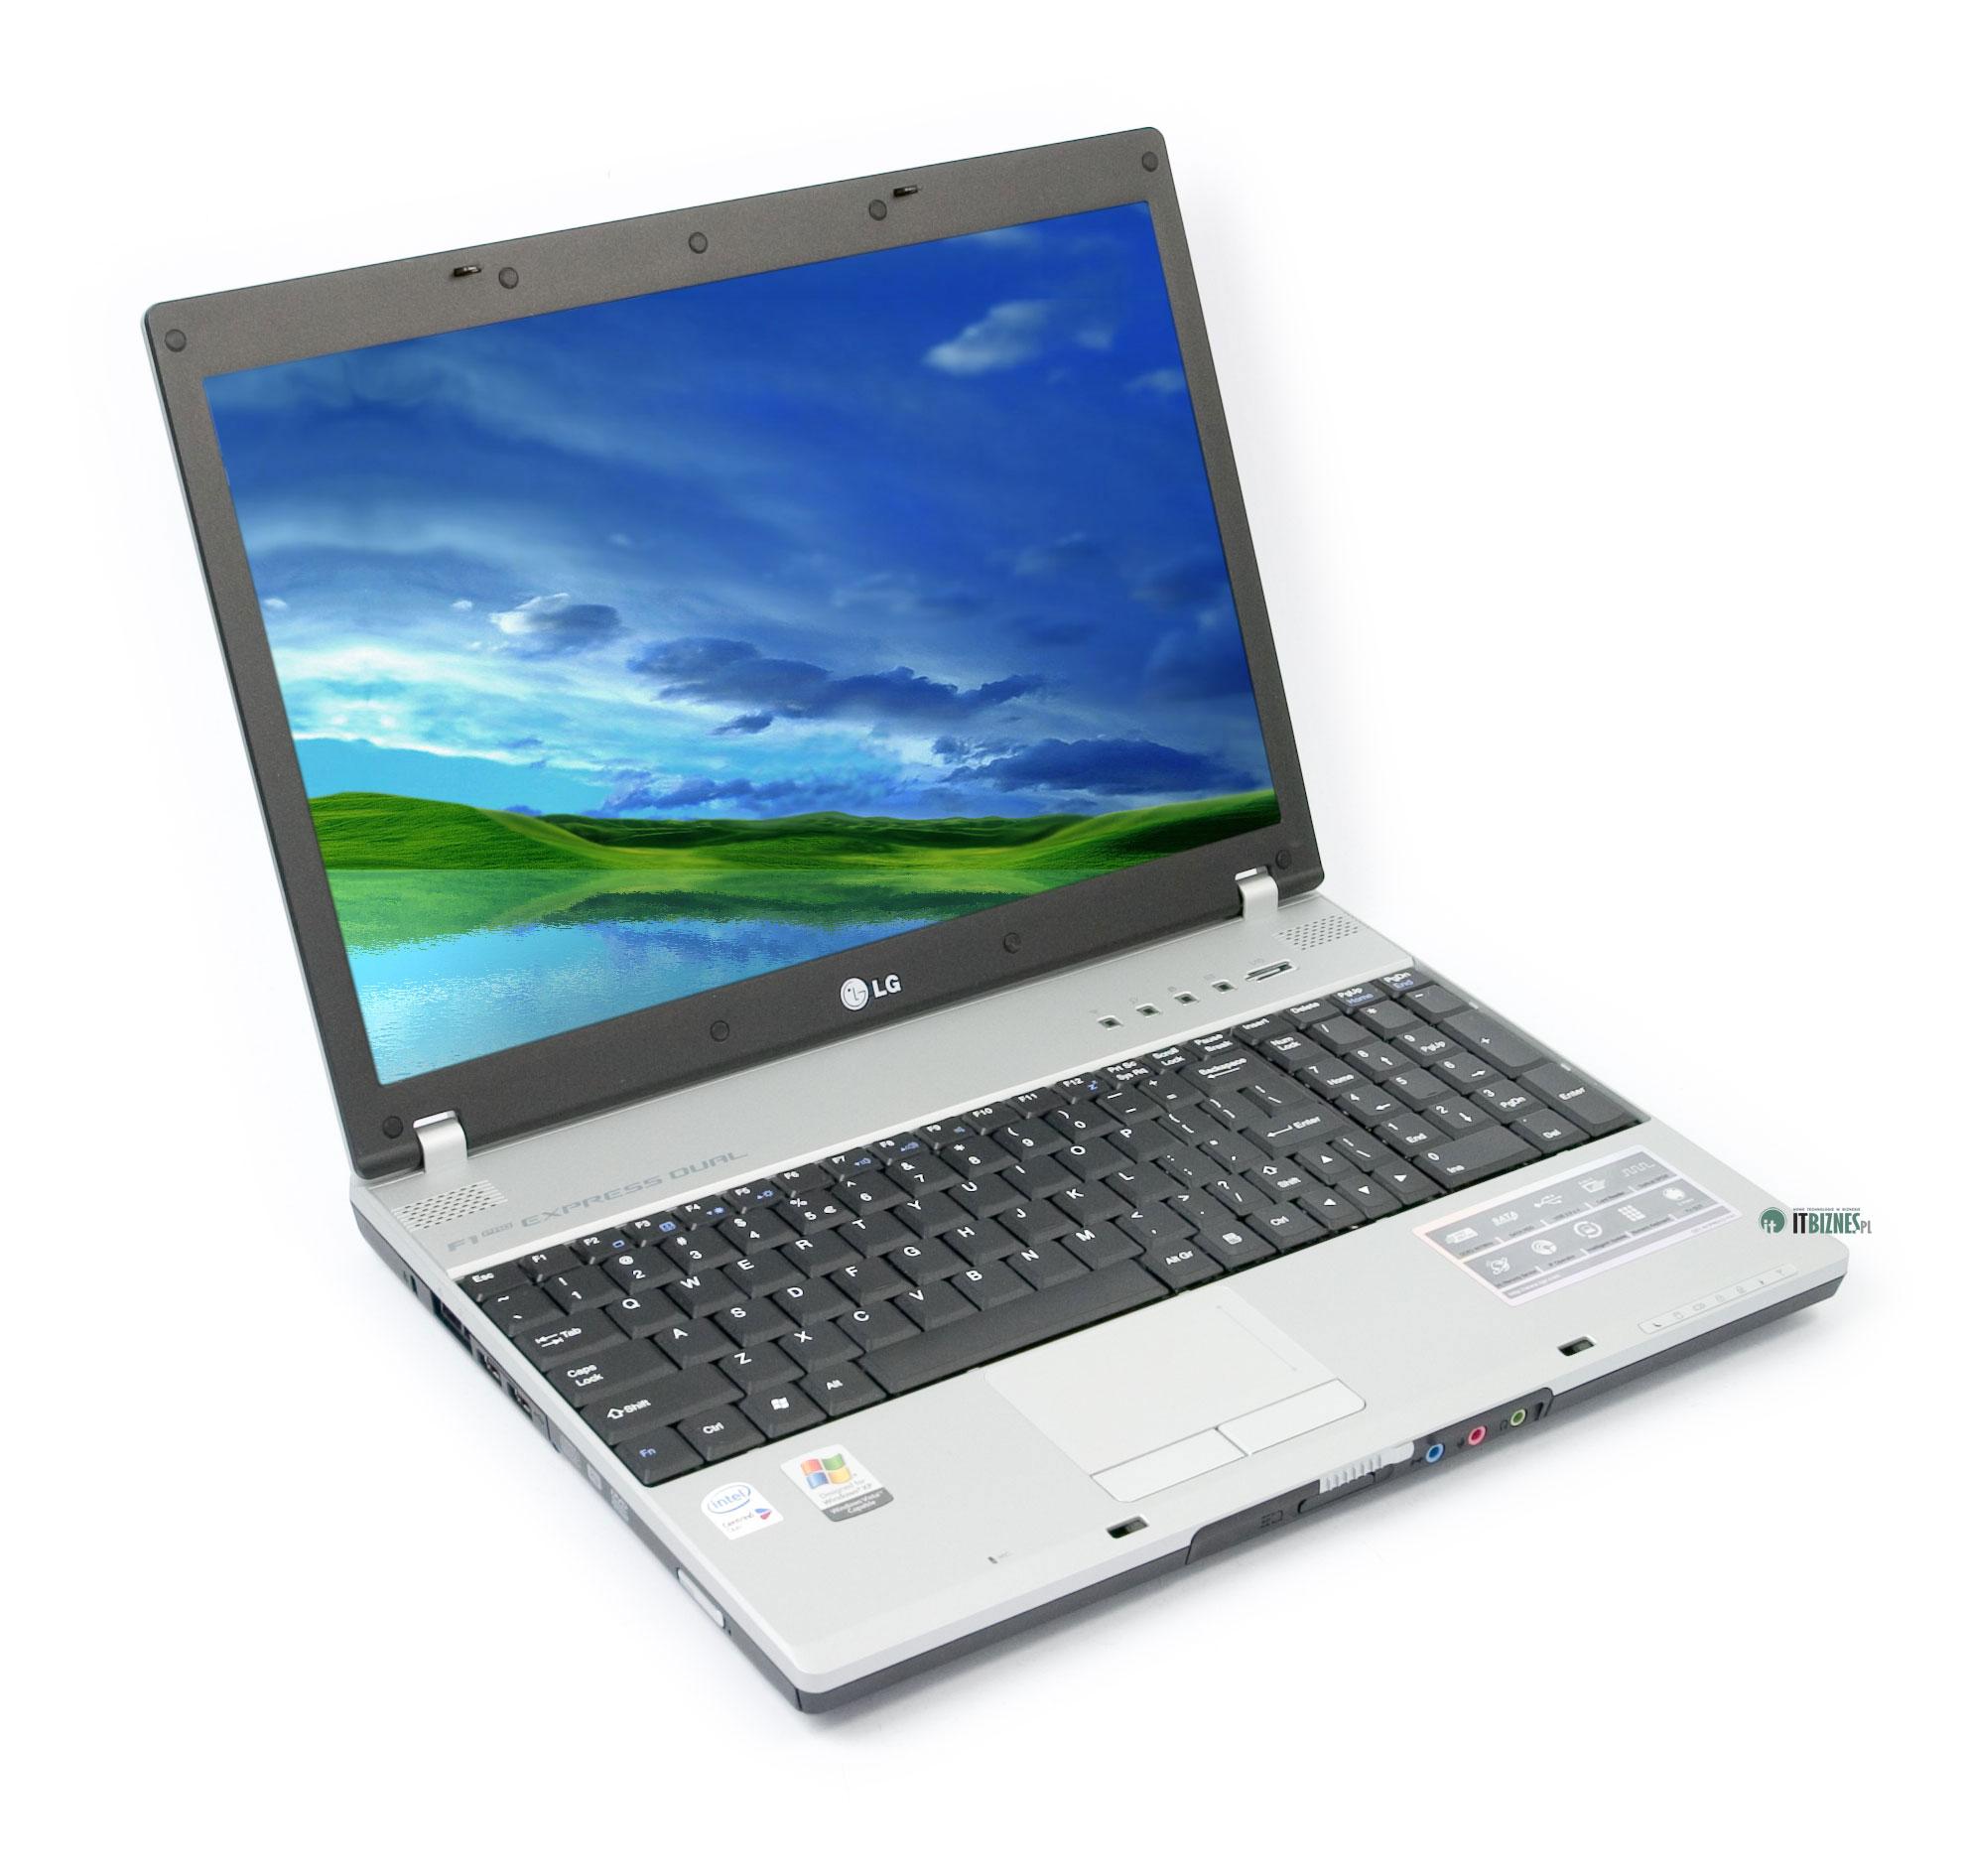 LG F1 Express Dual (F1-227GY) - notebook z klawiaturą numeryczną :: ITbiznes.pl